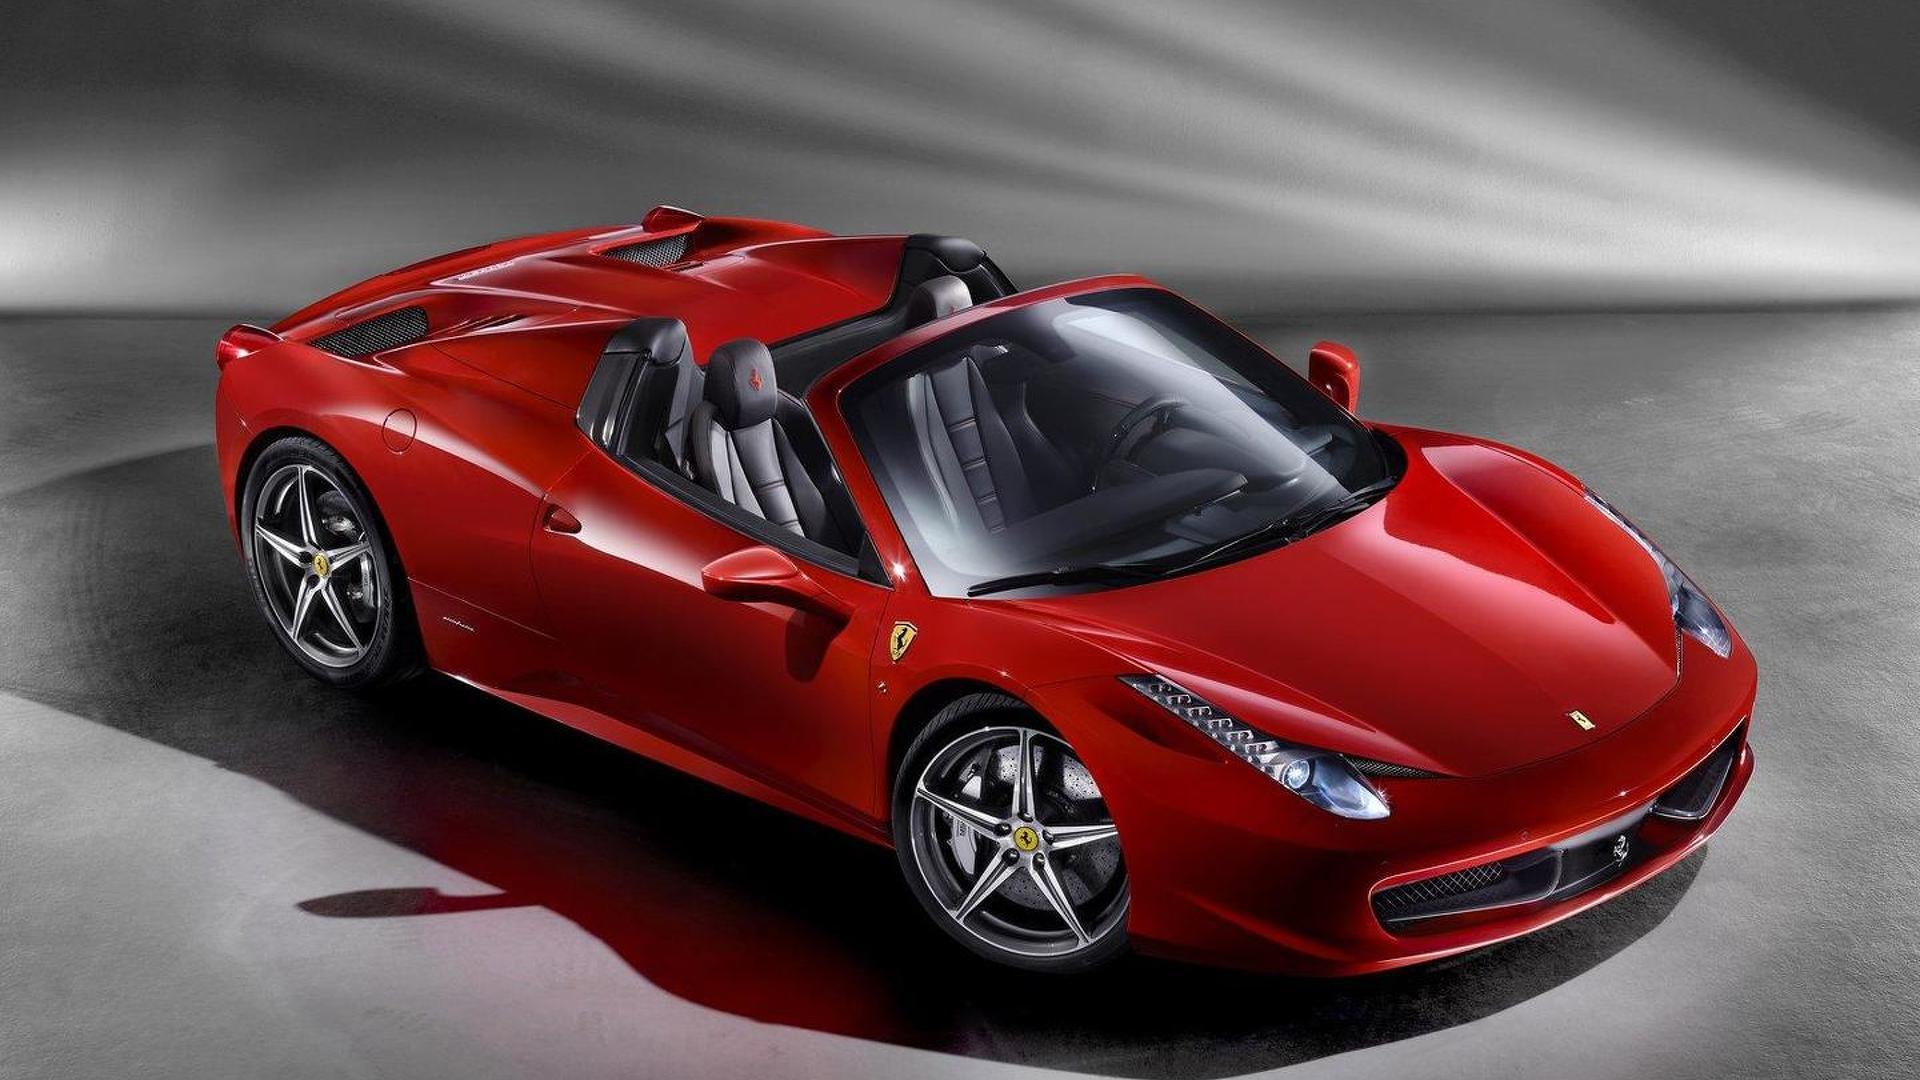 Ferrari 458 Spider live debut in Maranello [video]